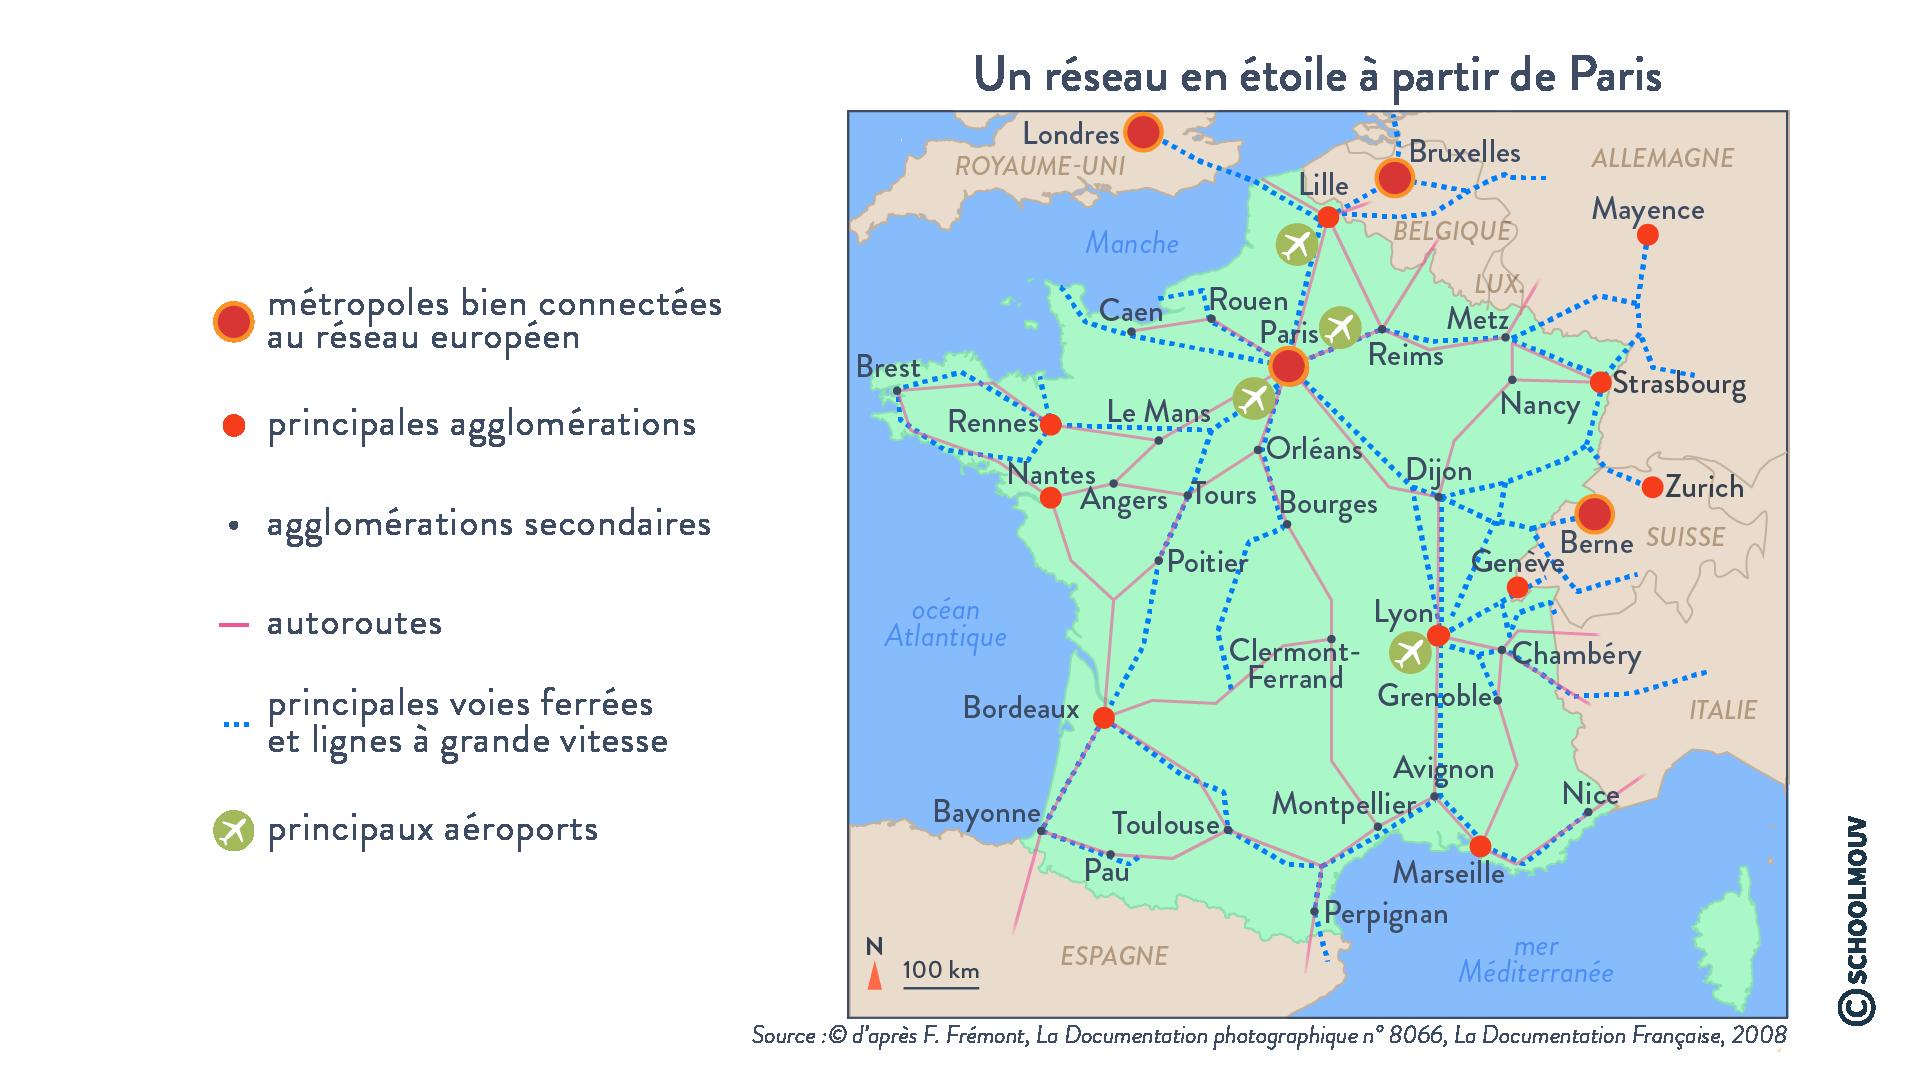 Un réseau en étoile à partir de Paris